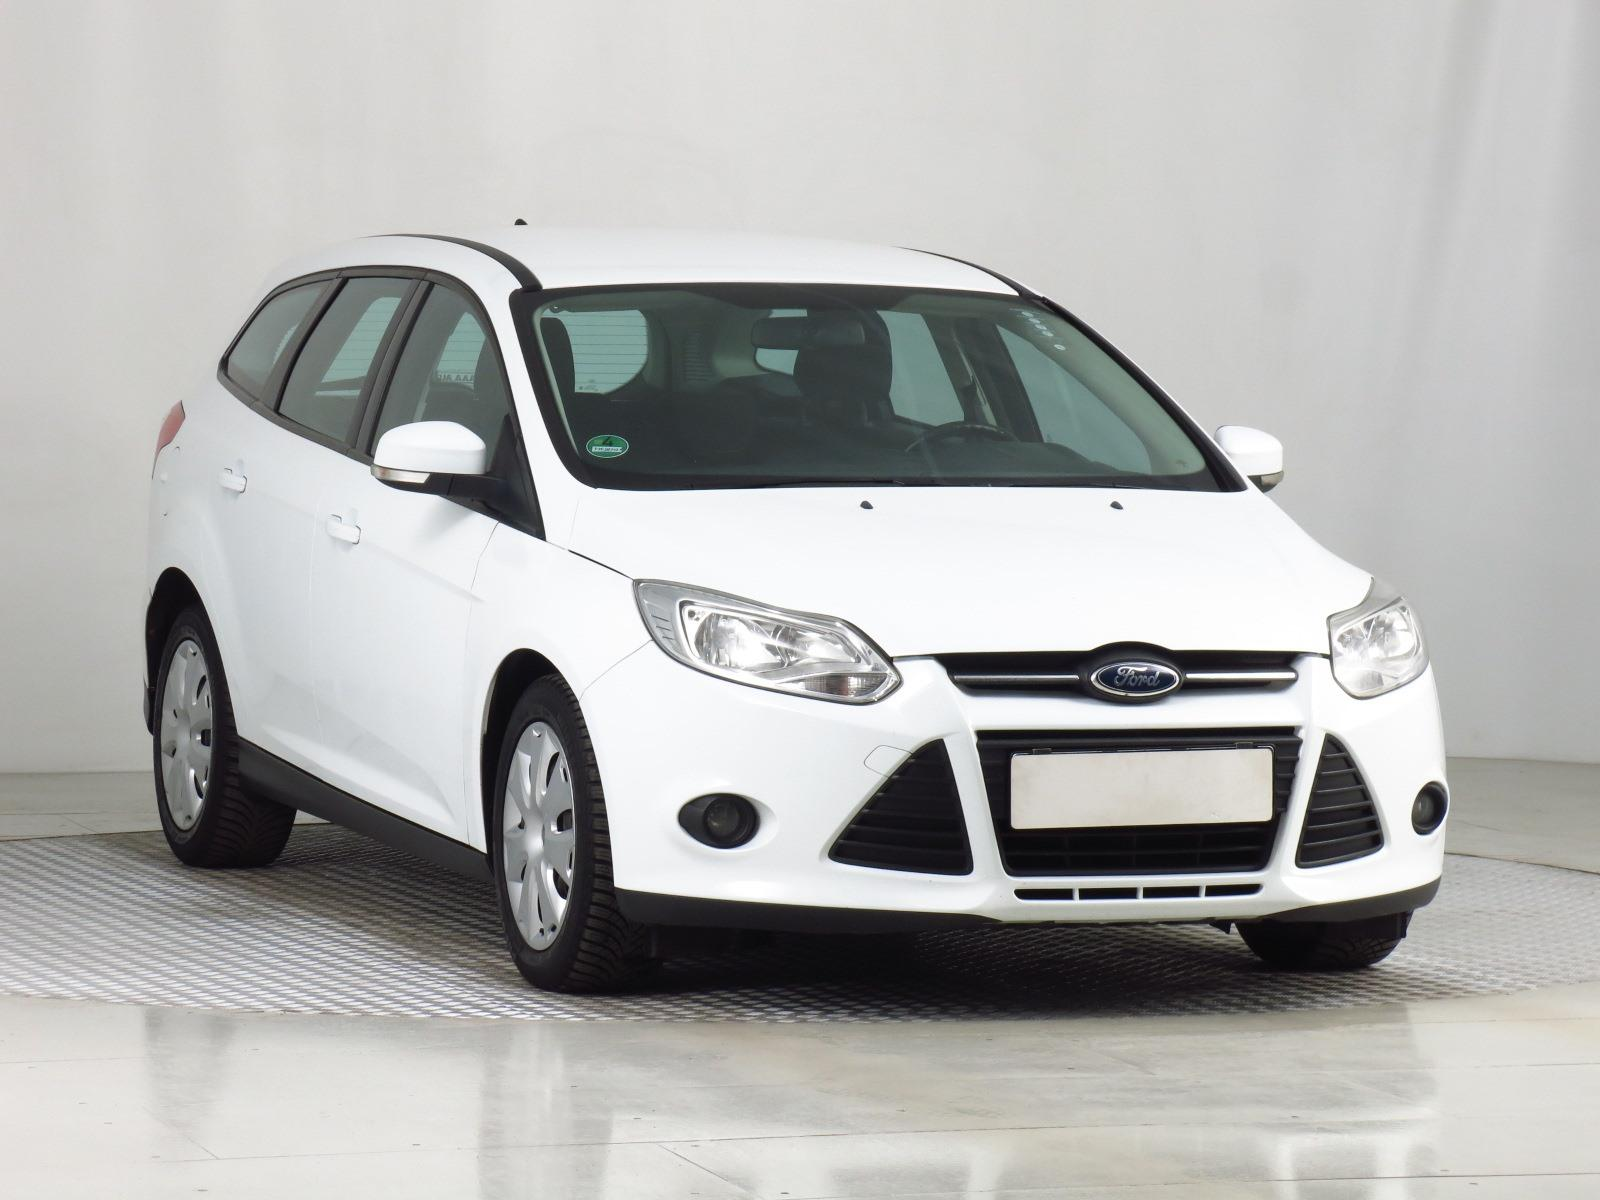 Ford Focus 1.6 TDCI 85kW kombi nafta